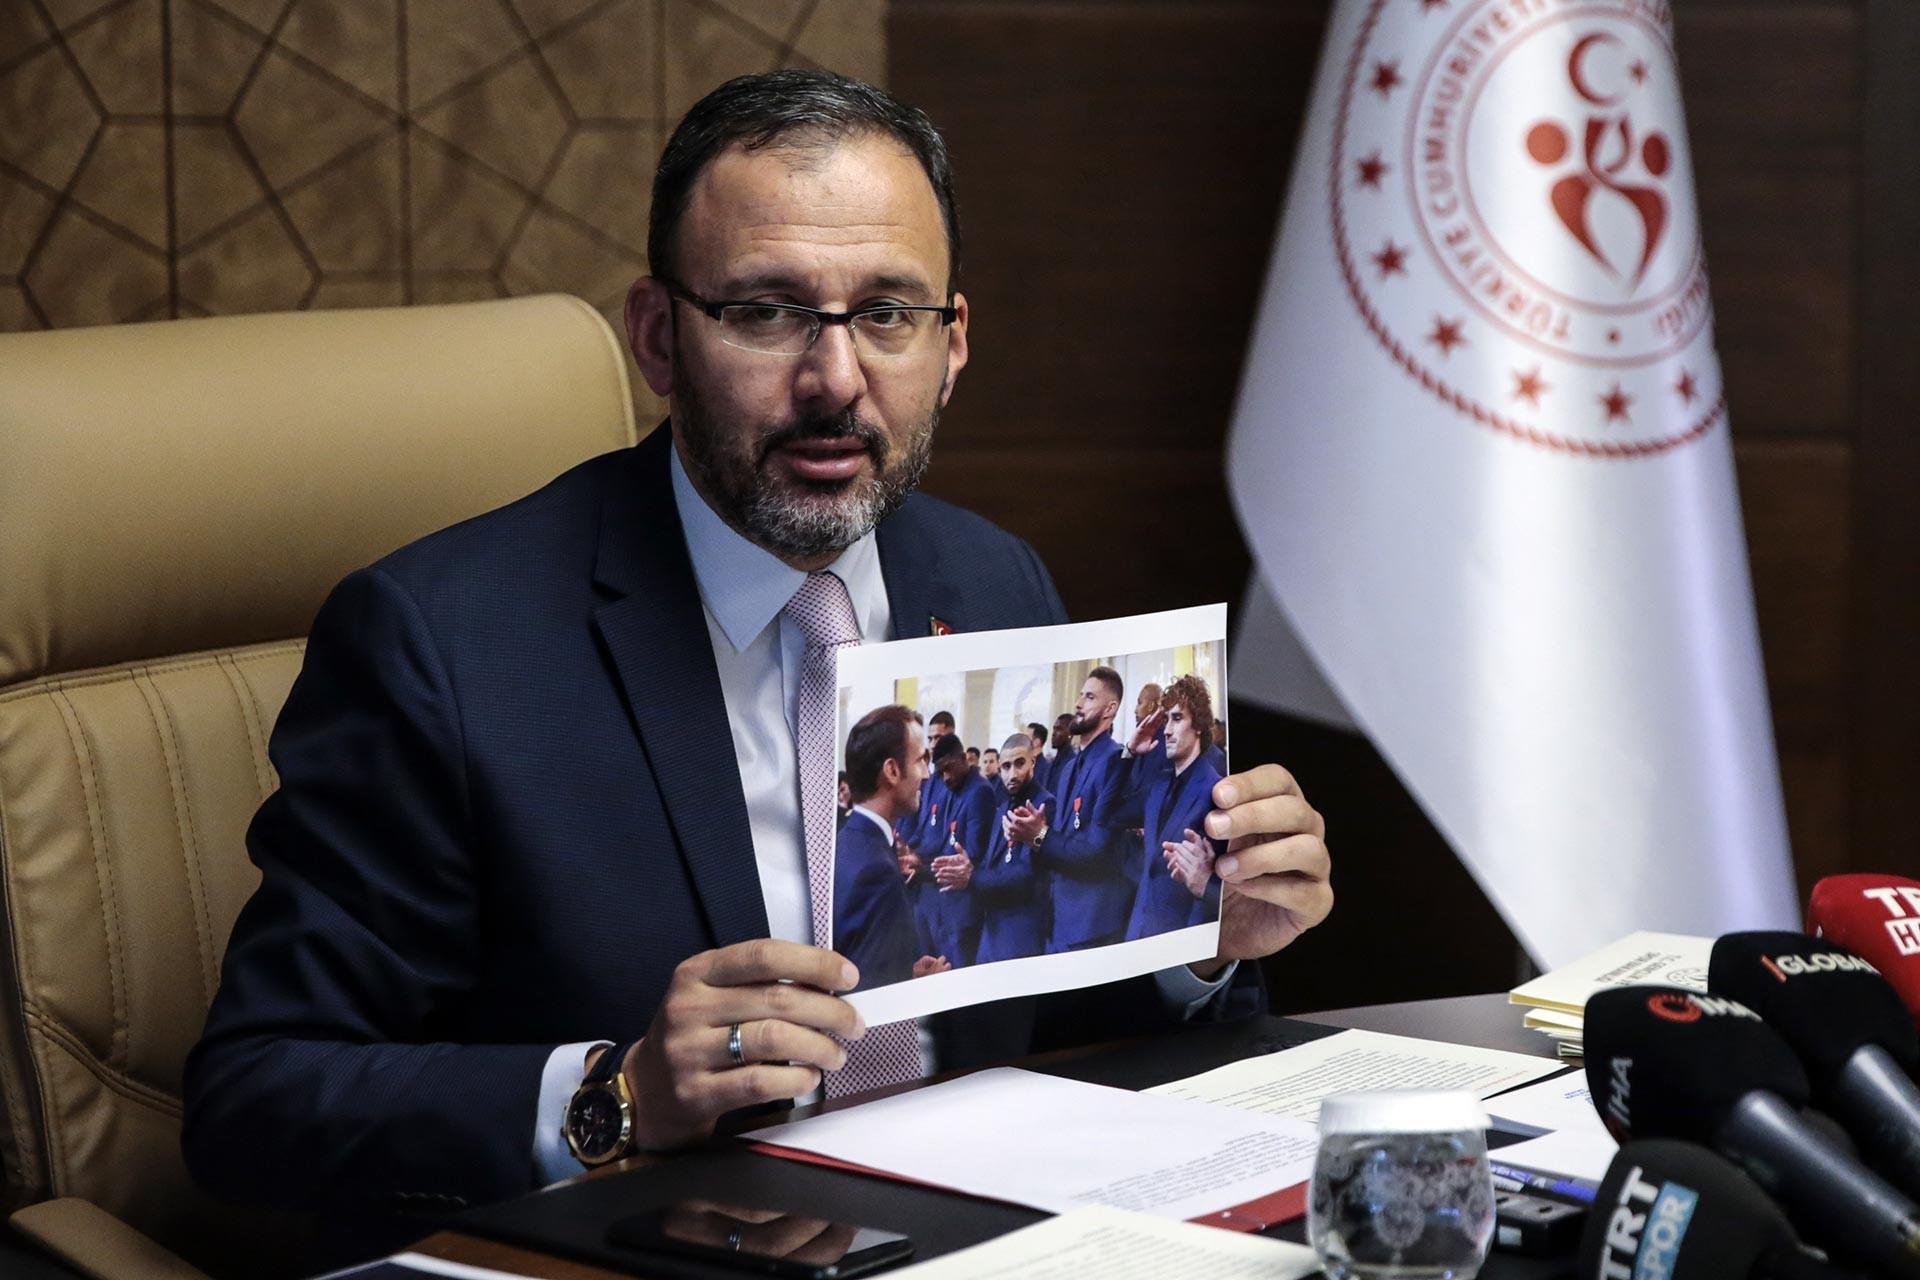 Kasapoğlu, Griezzman'ın fotoğrafını göstererek açıklama yaptı